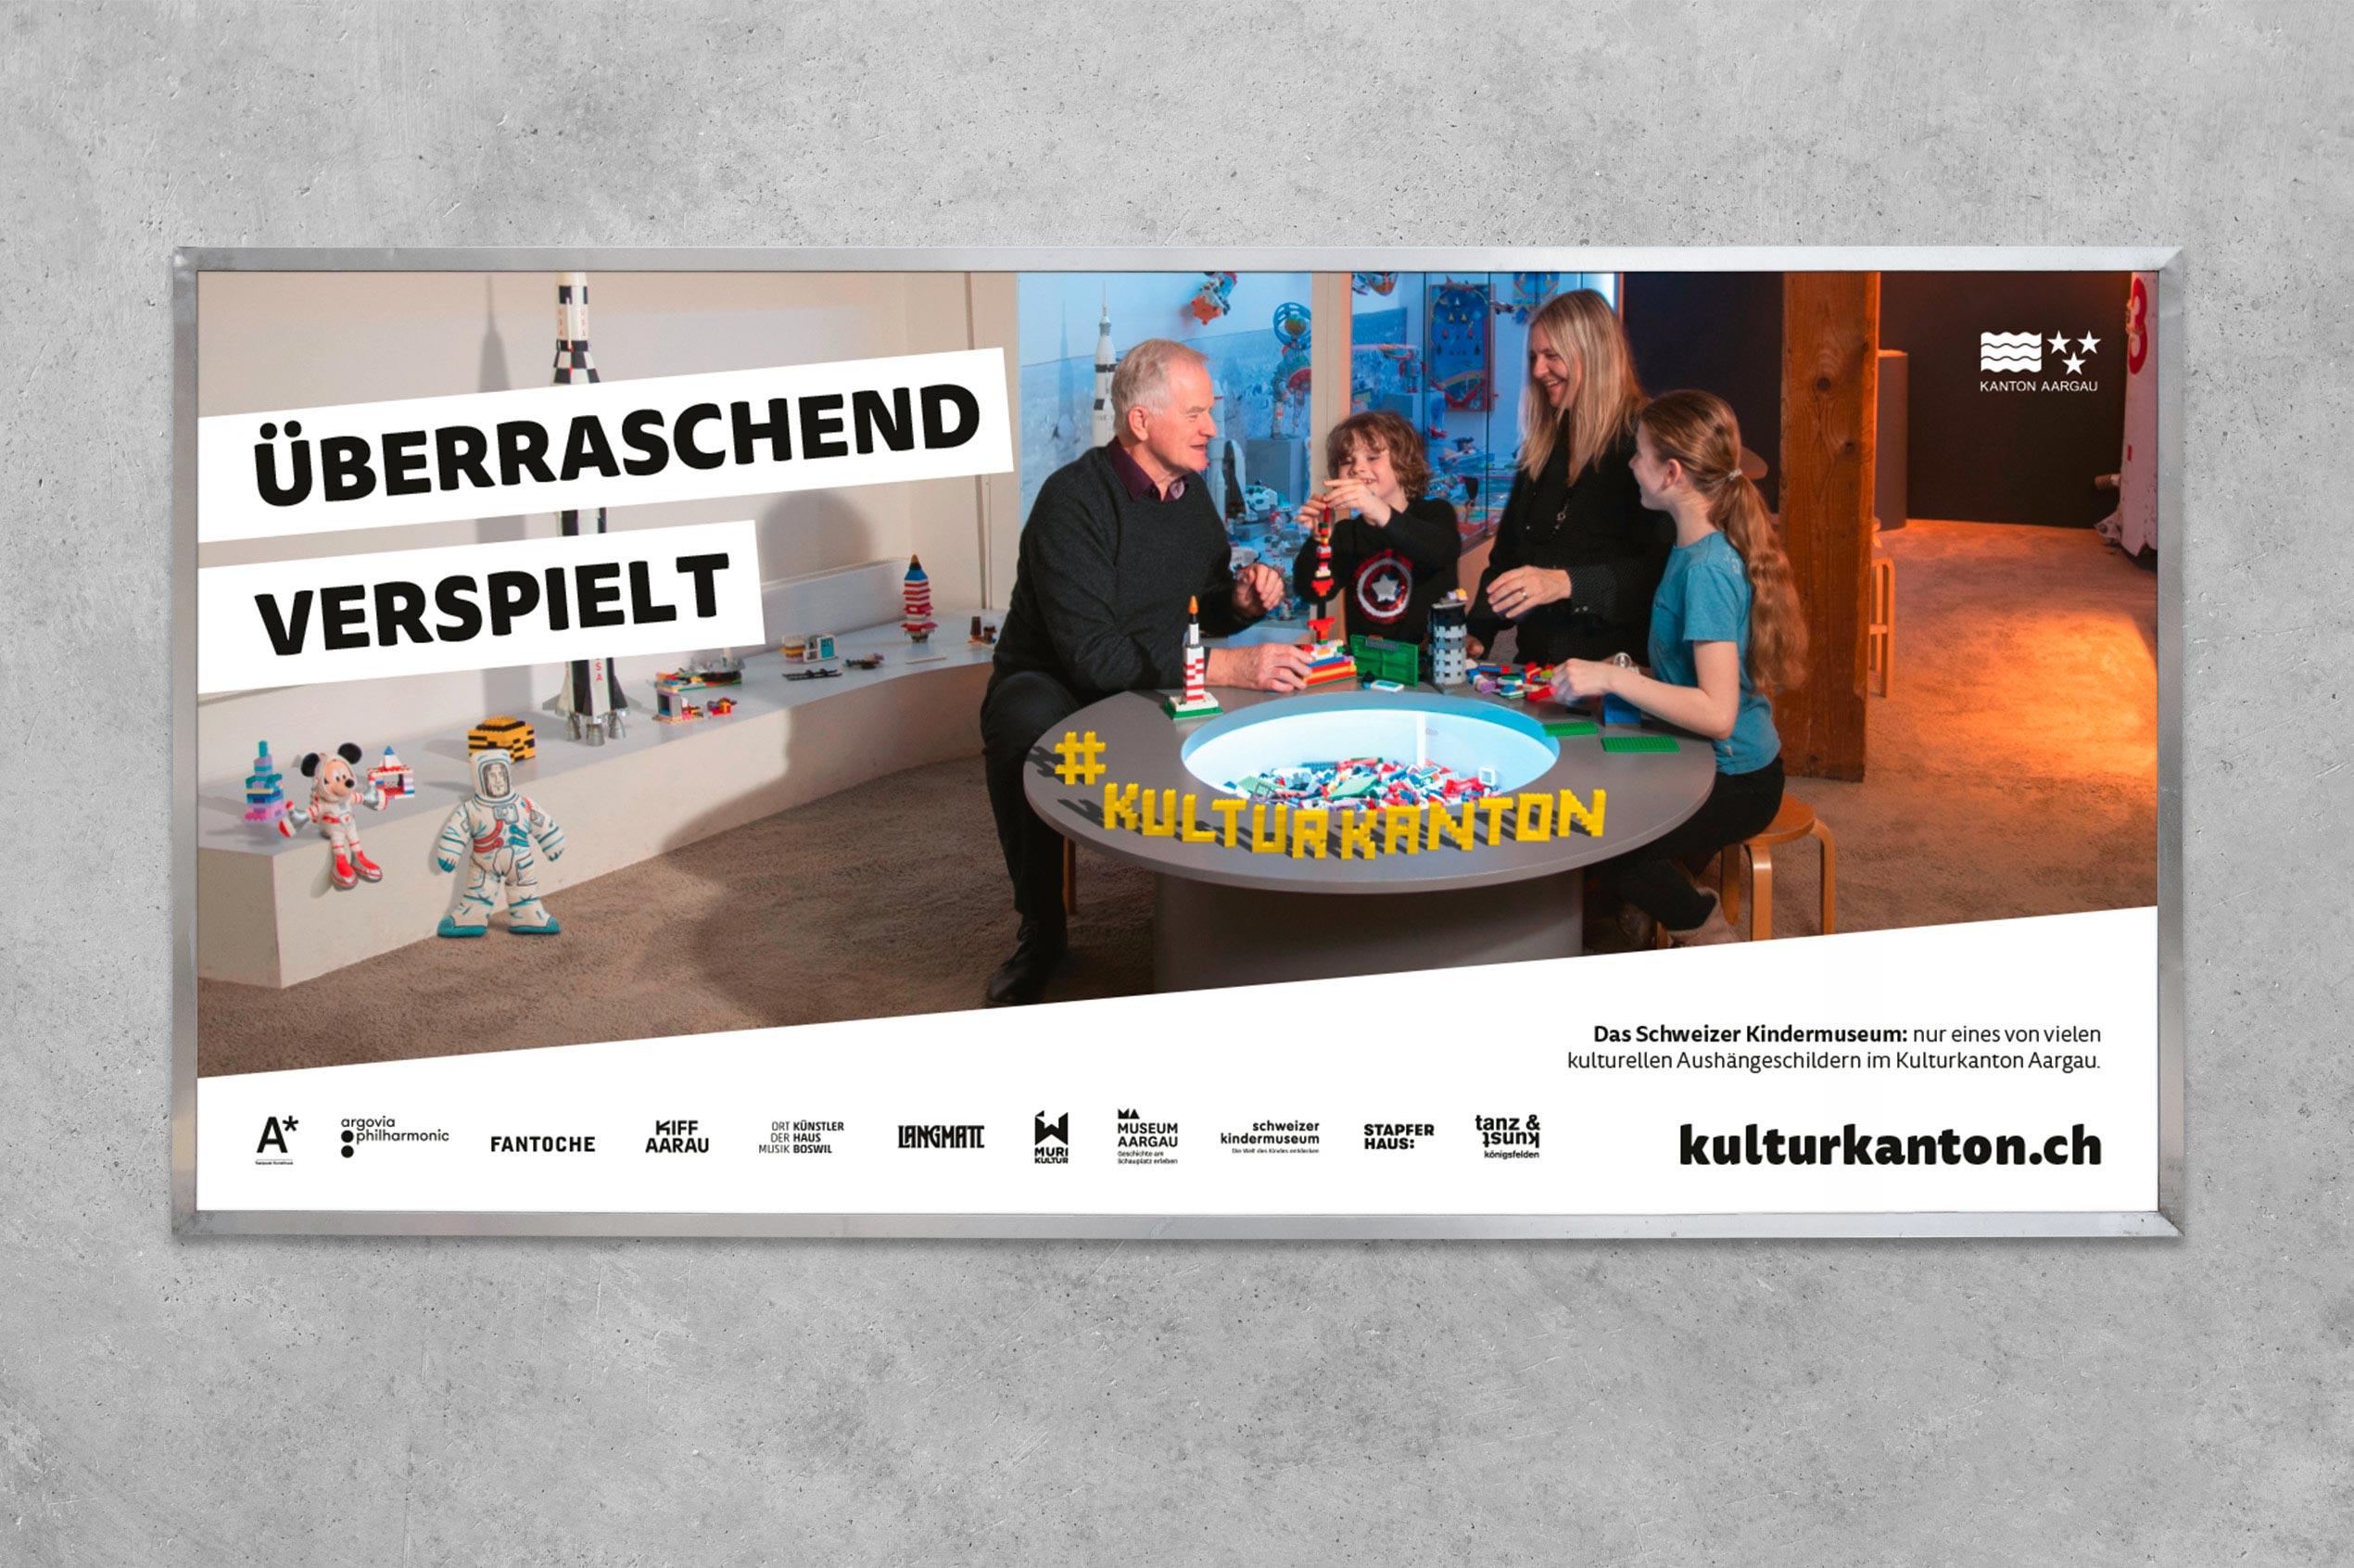 Kulturkanton, Plakat F12, Kindermuseum